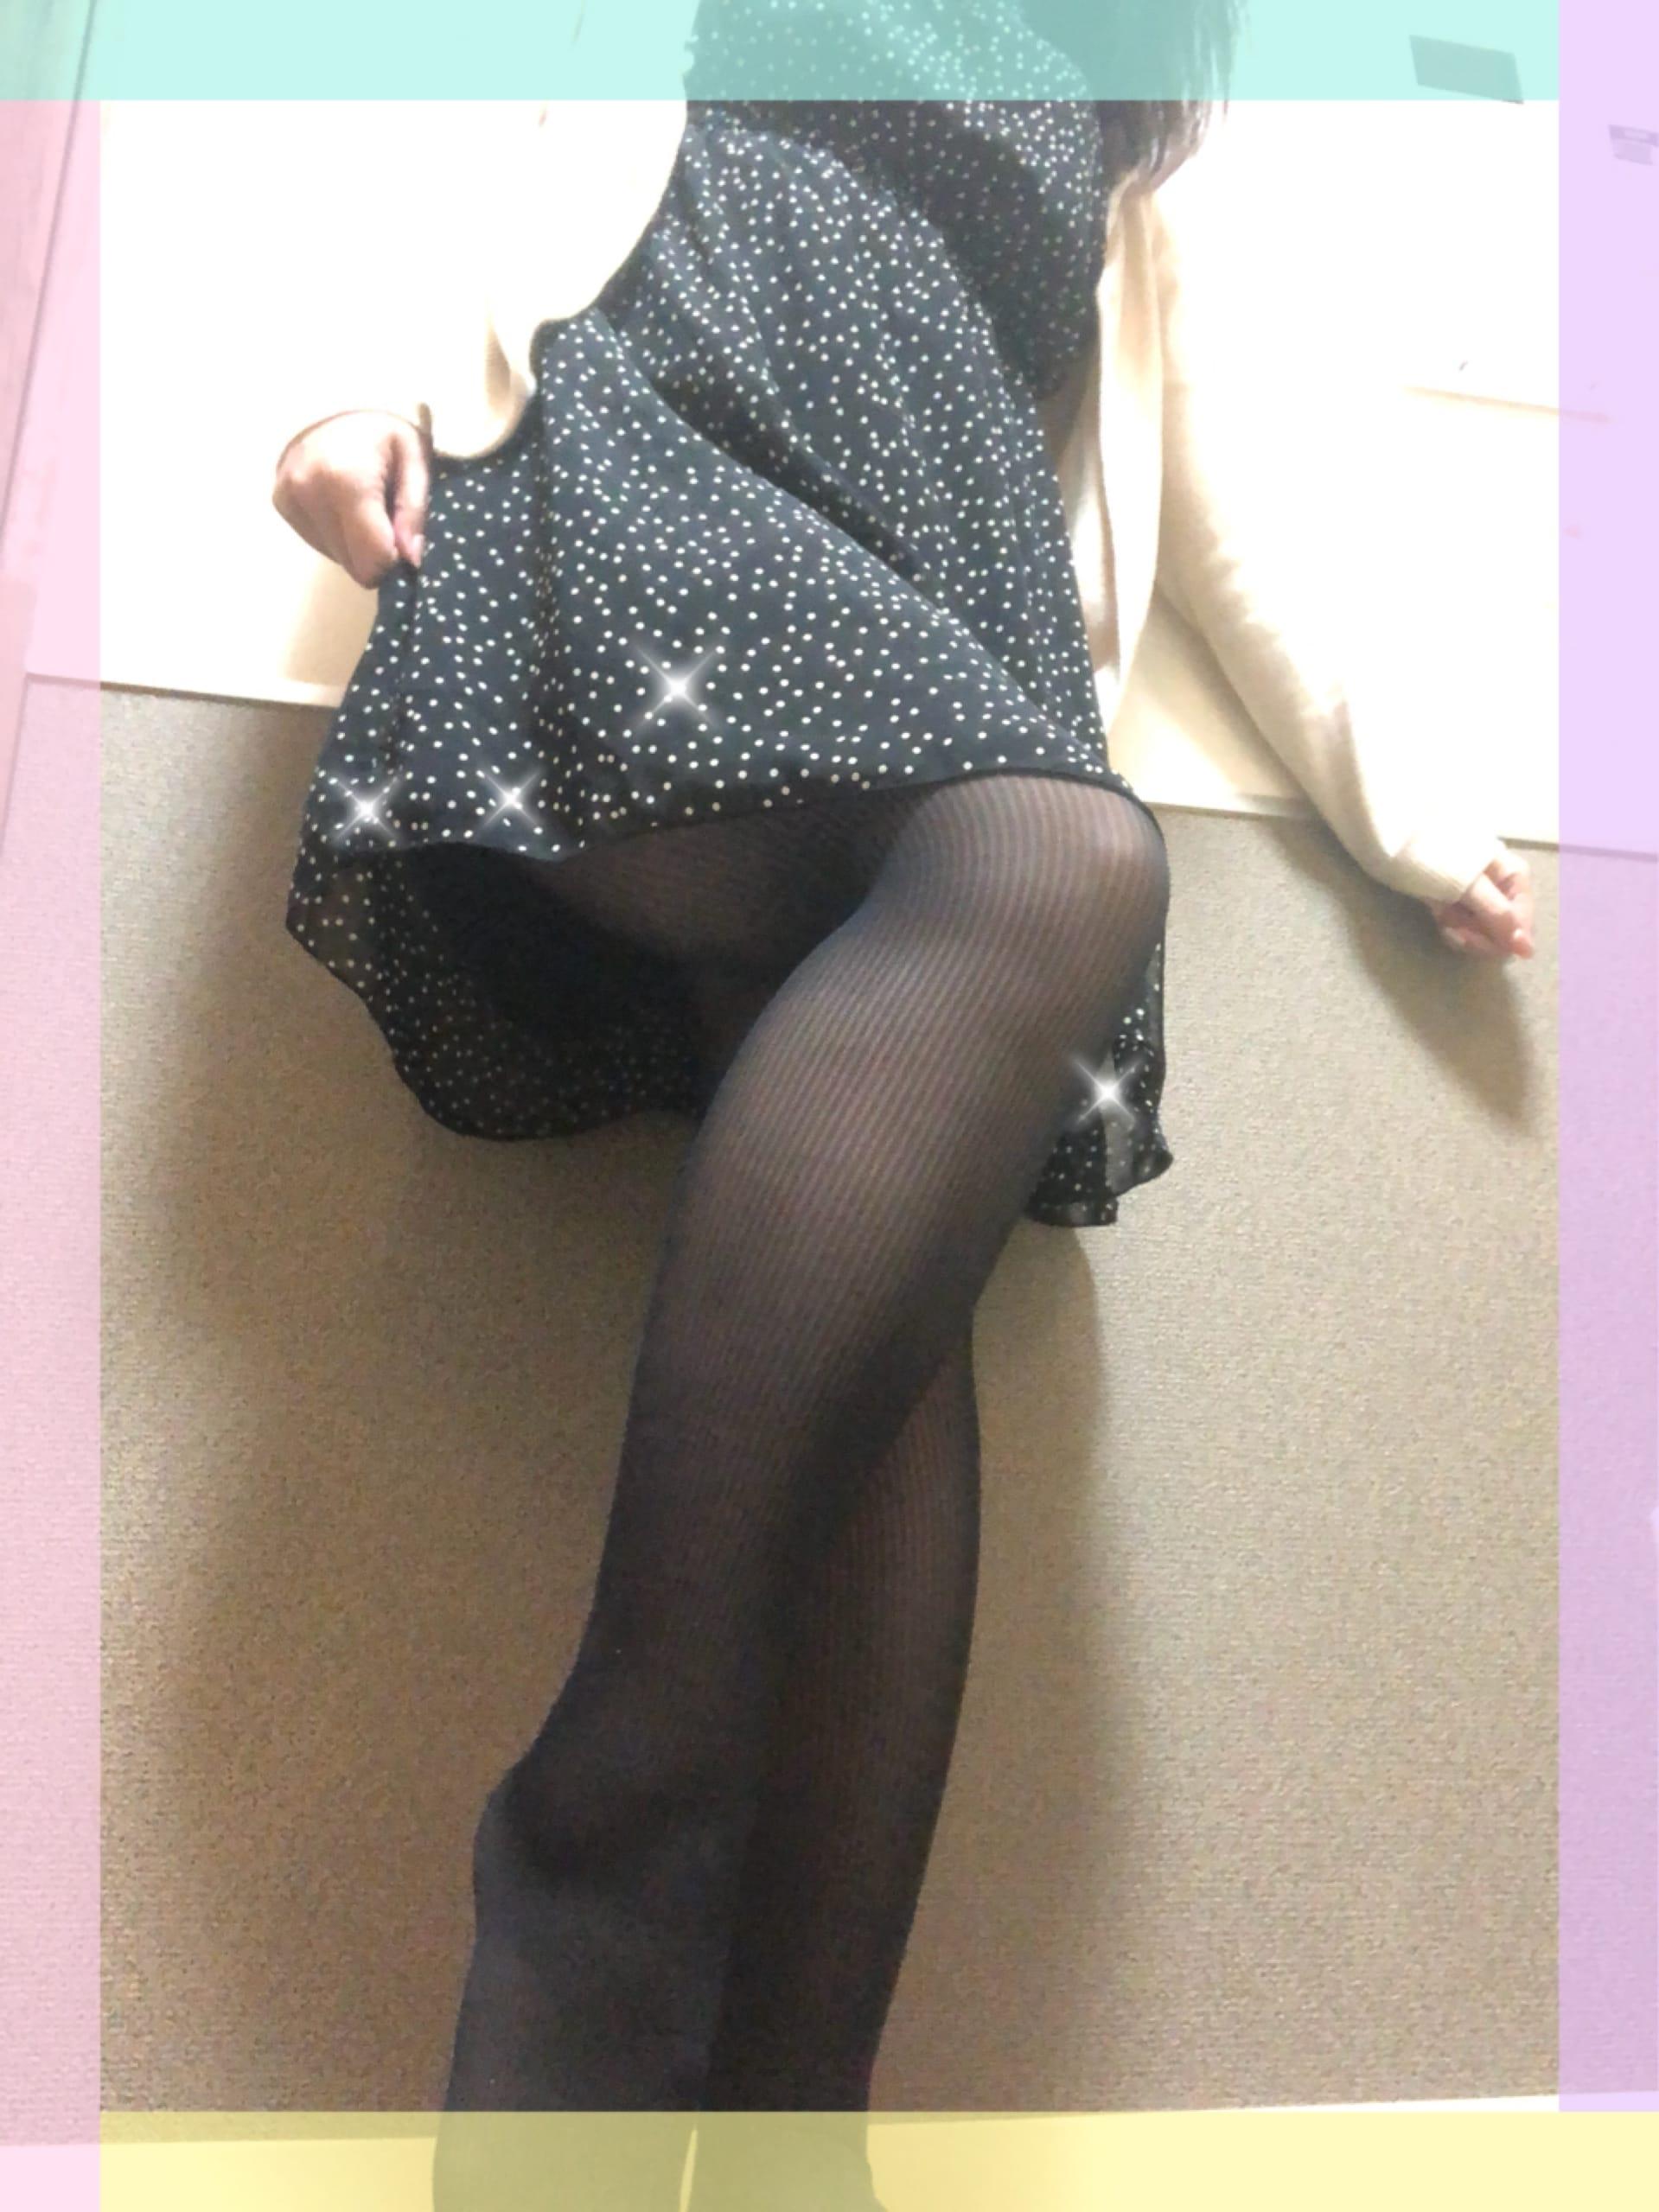 澪「こんばんは。」03/22(木) 18:01 | 澪の写メ・風俗動画